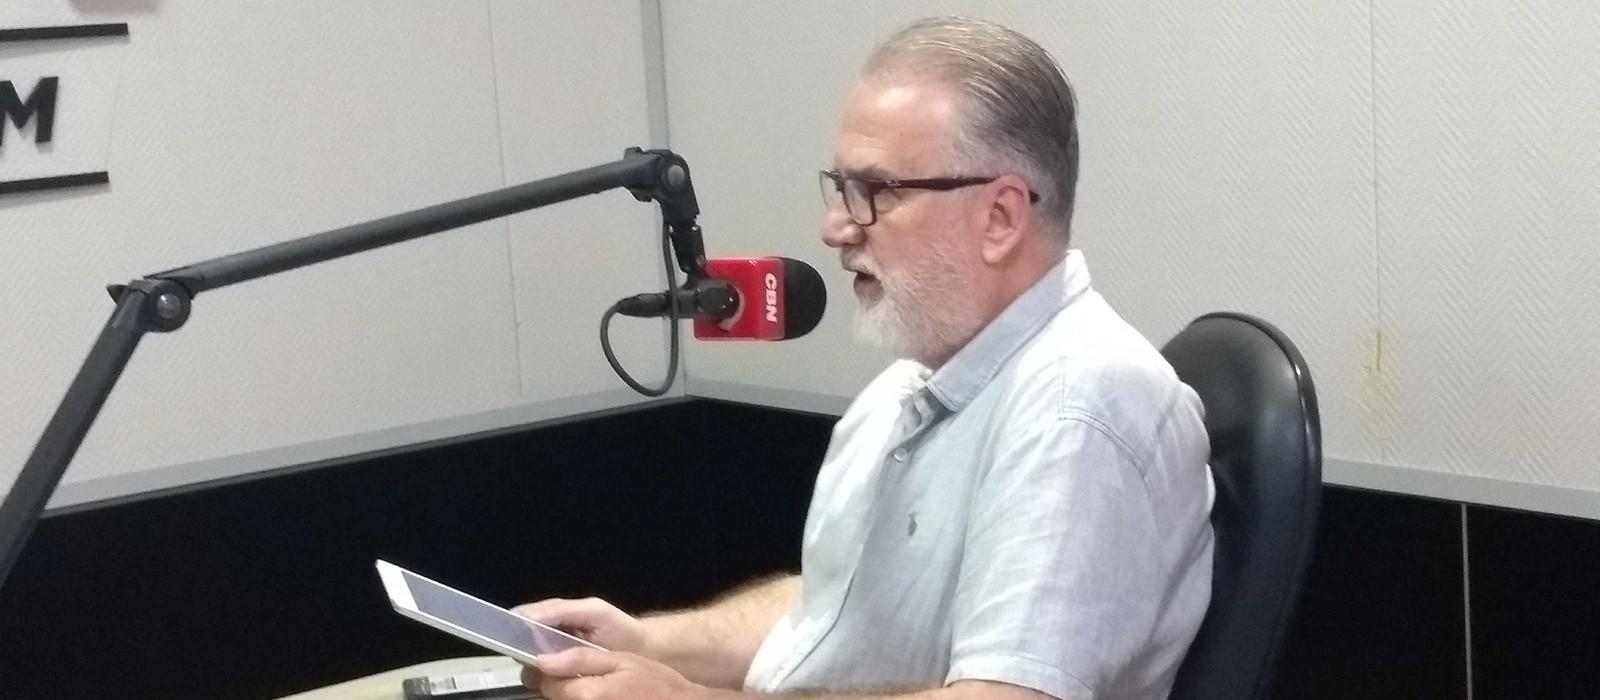 Eleição do Sismmar terá segundo turno, ainda indefinido